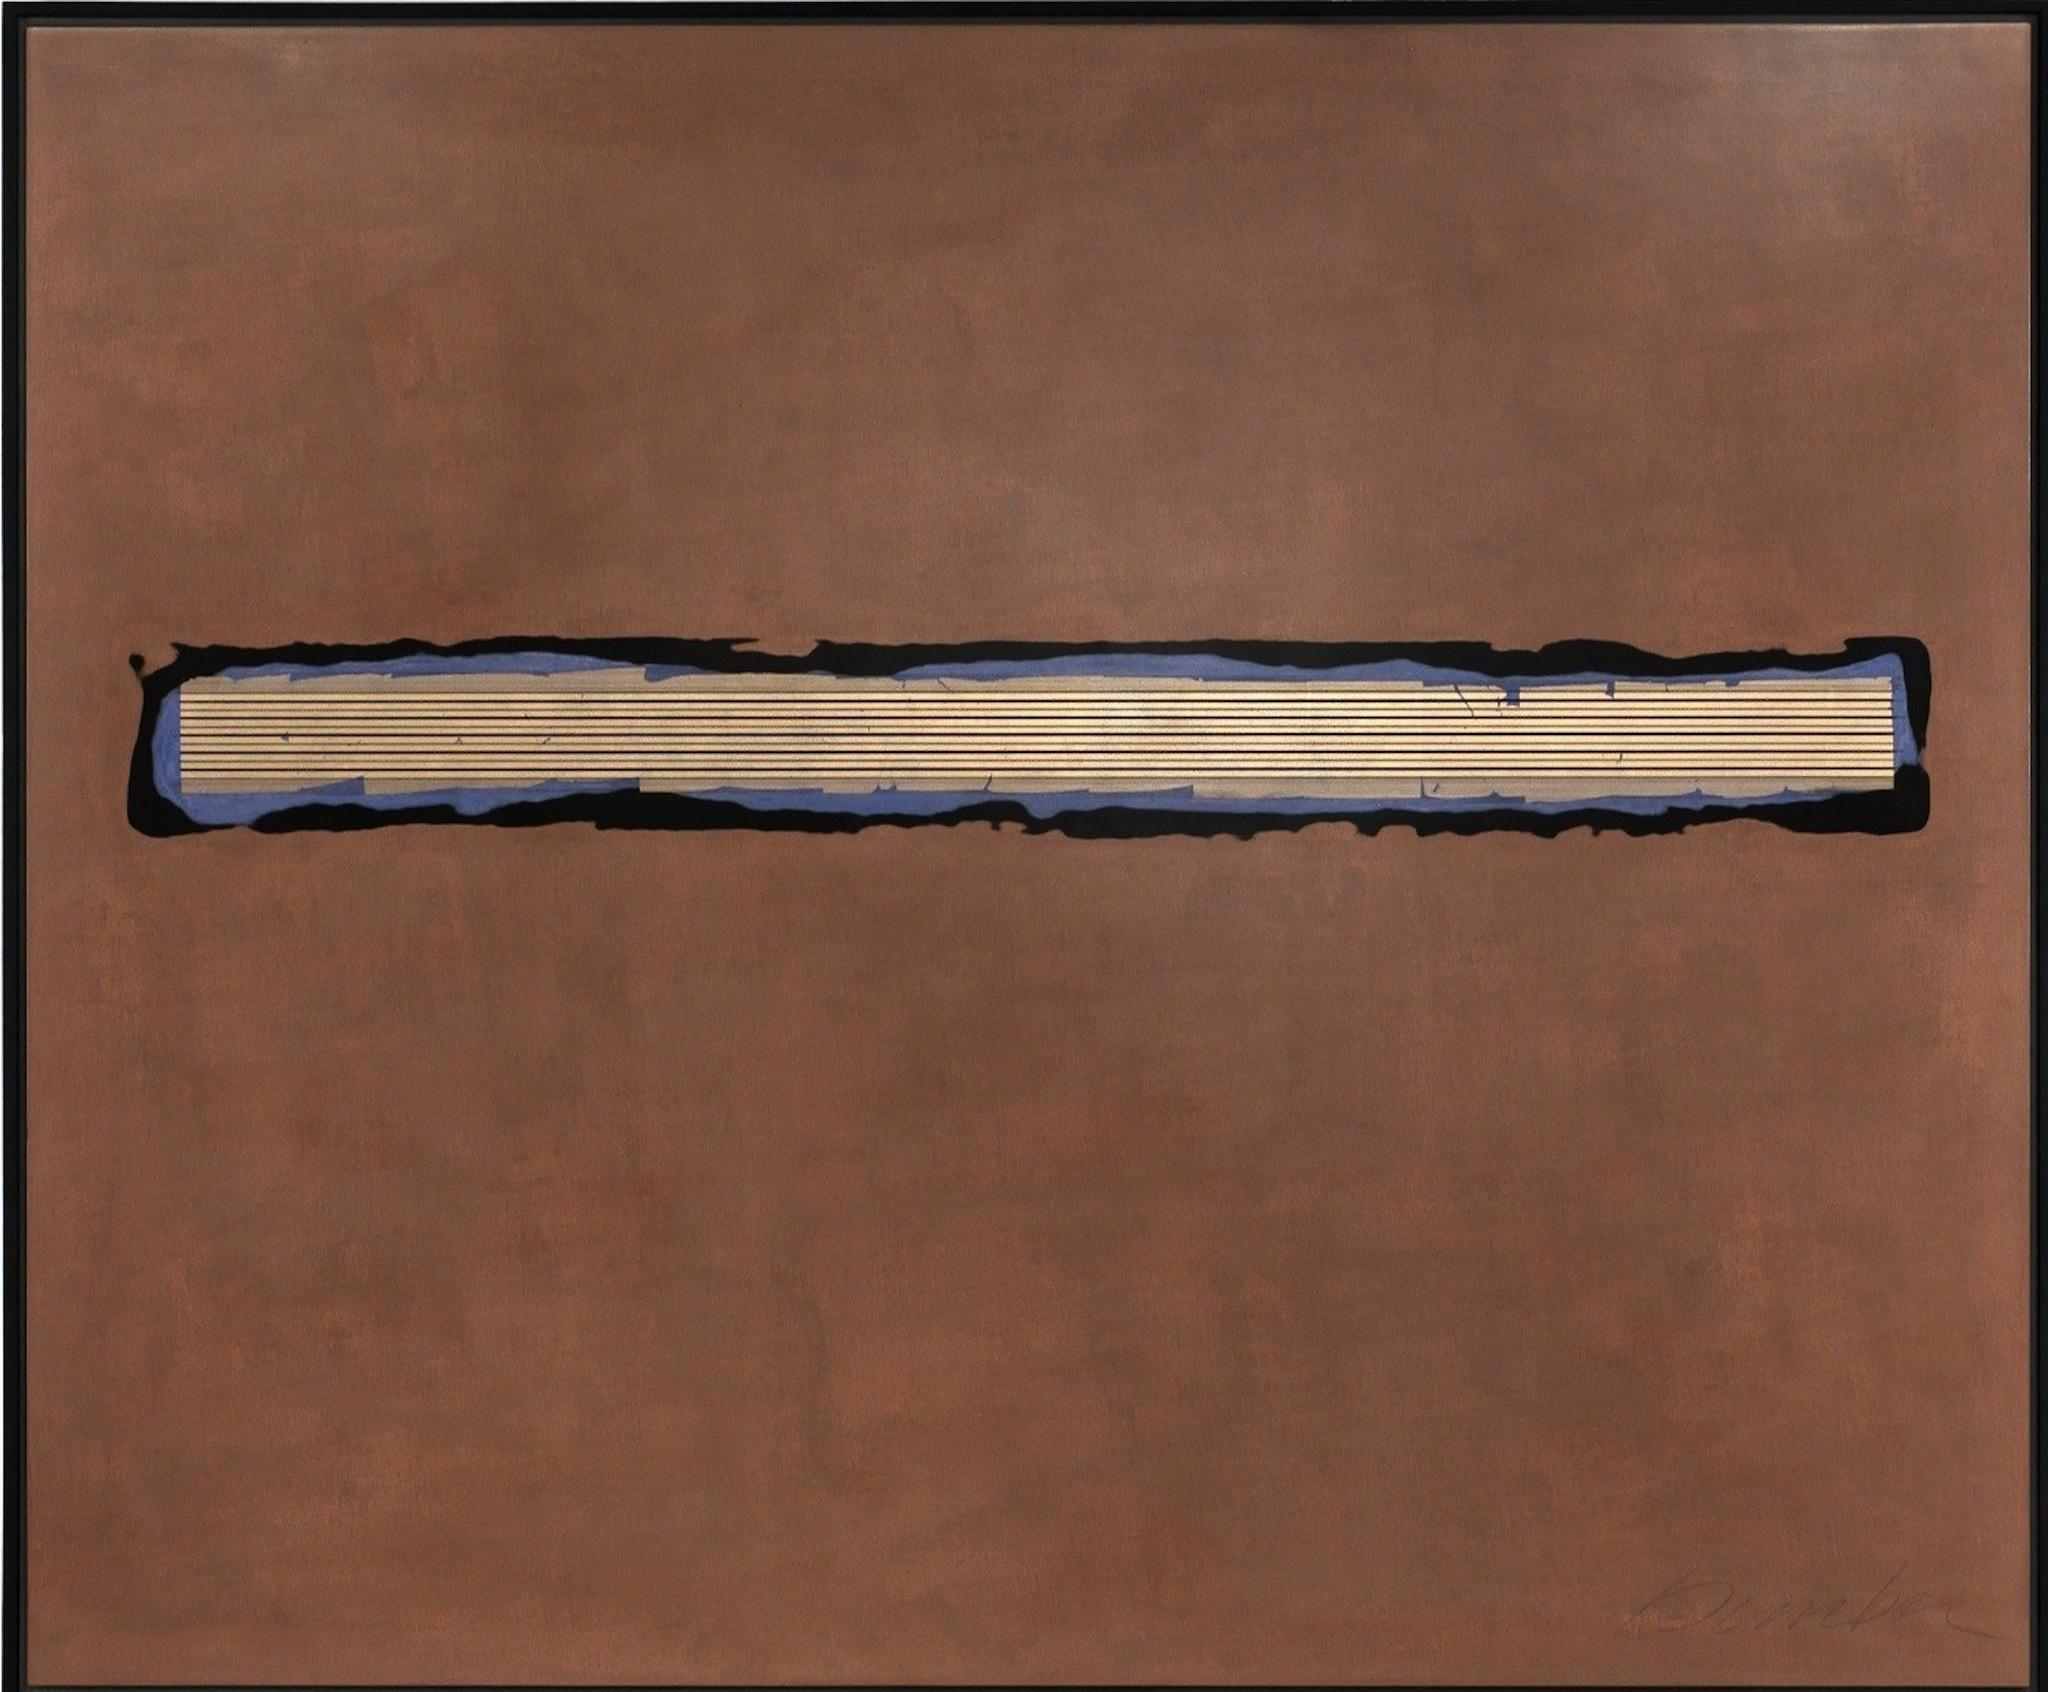 Triballion, 2001